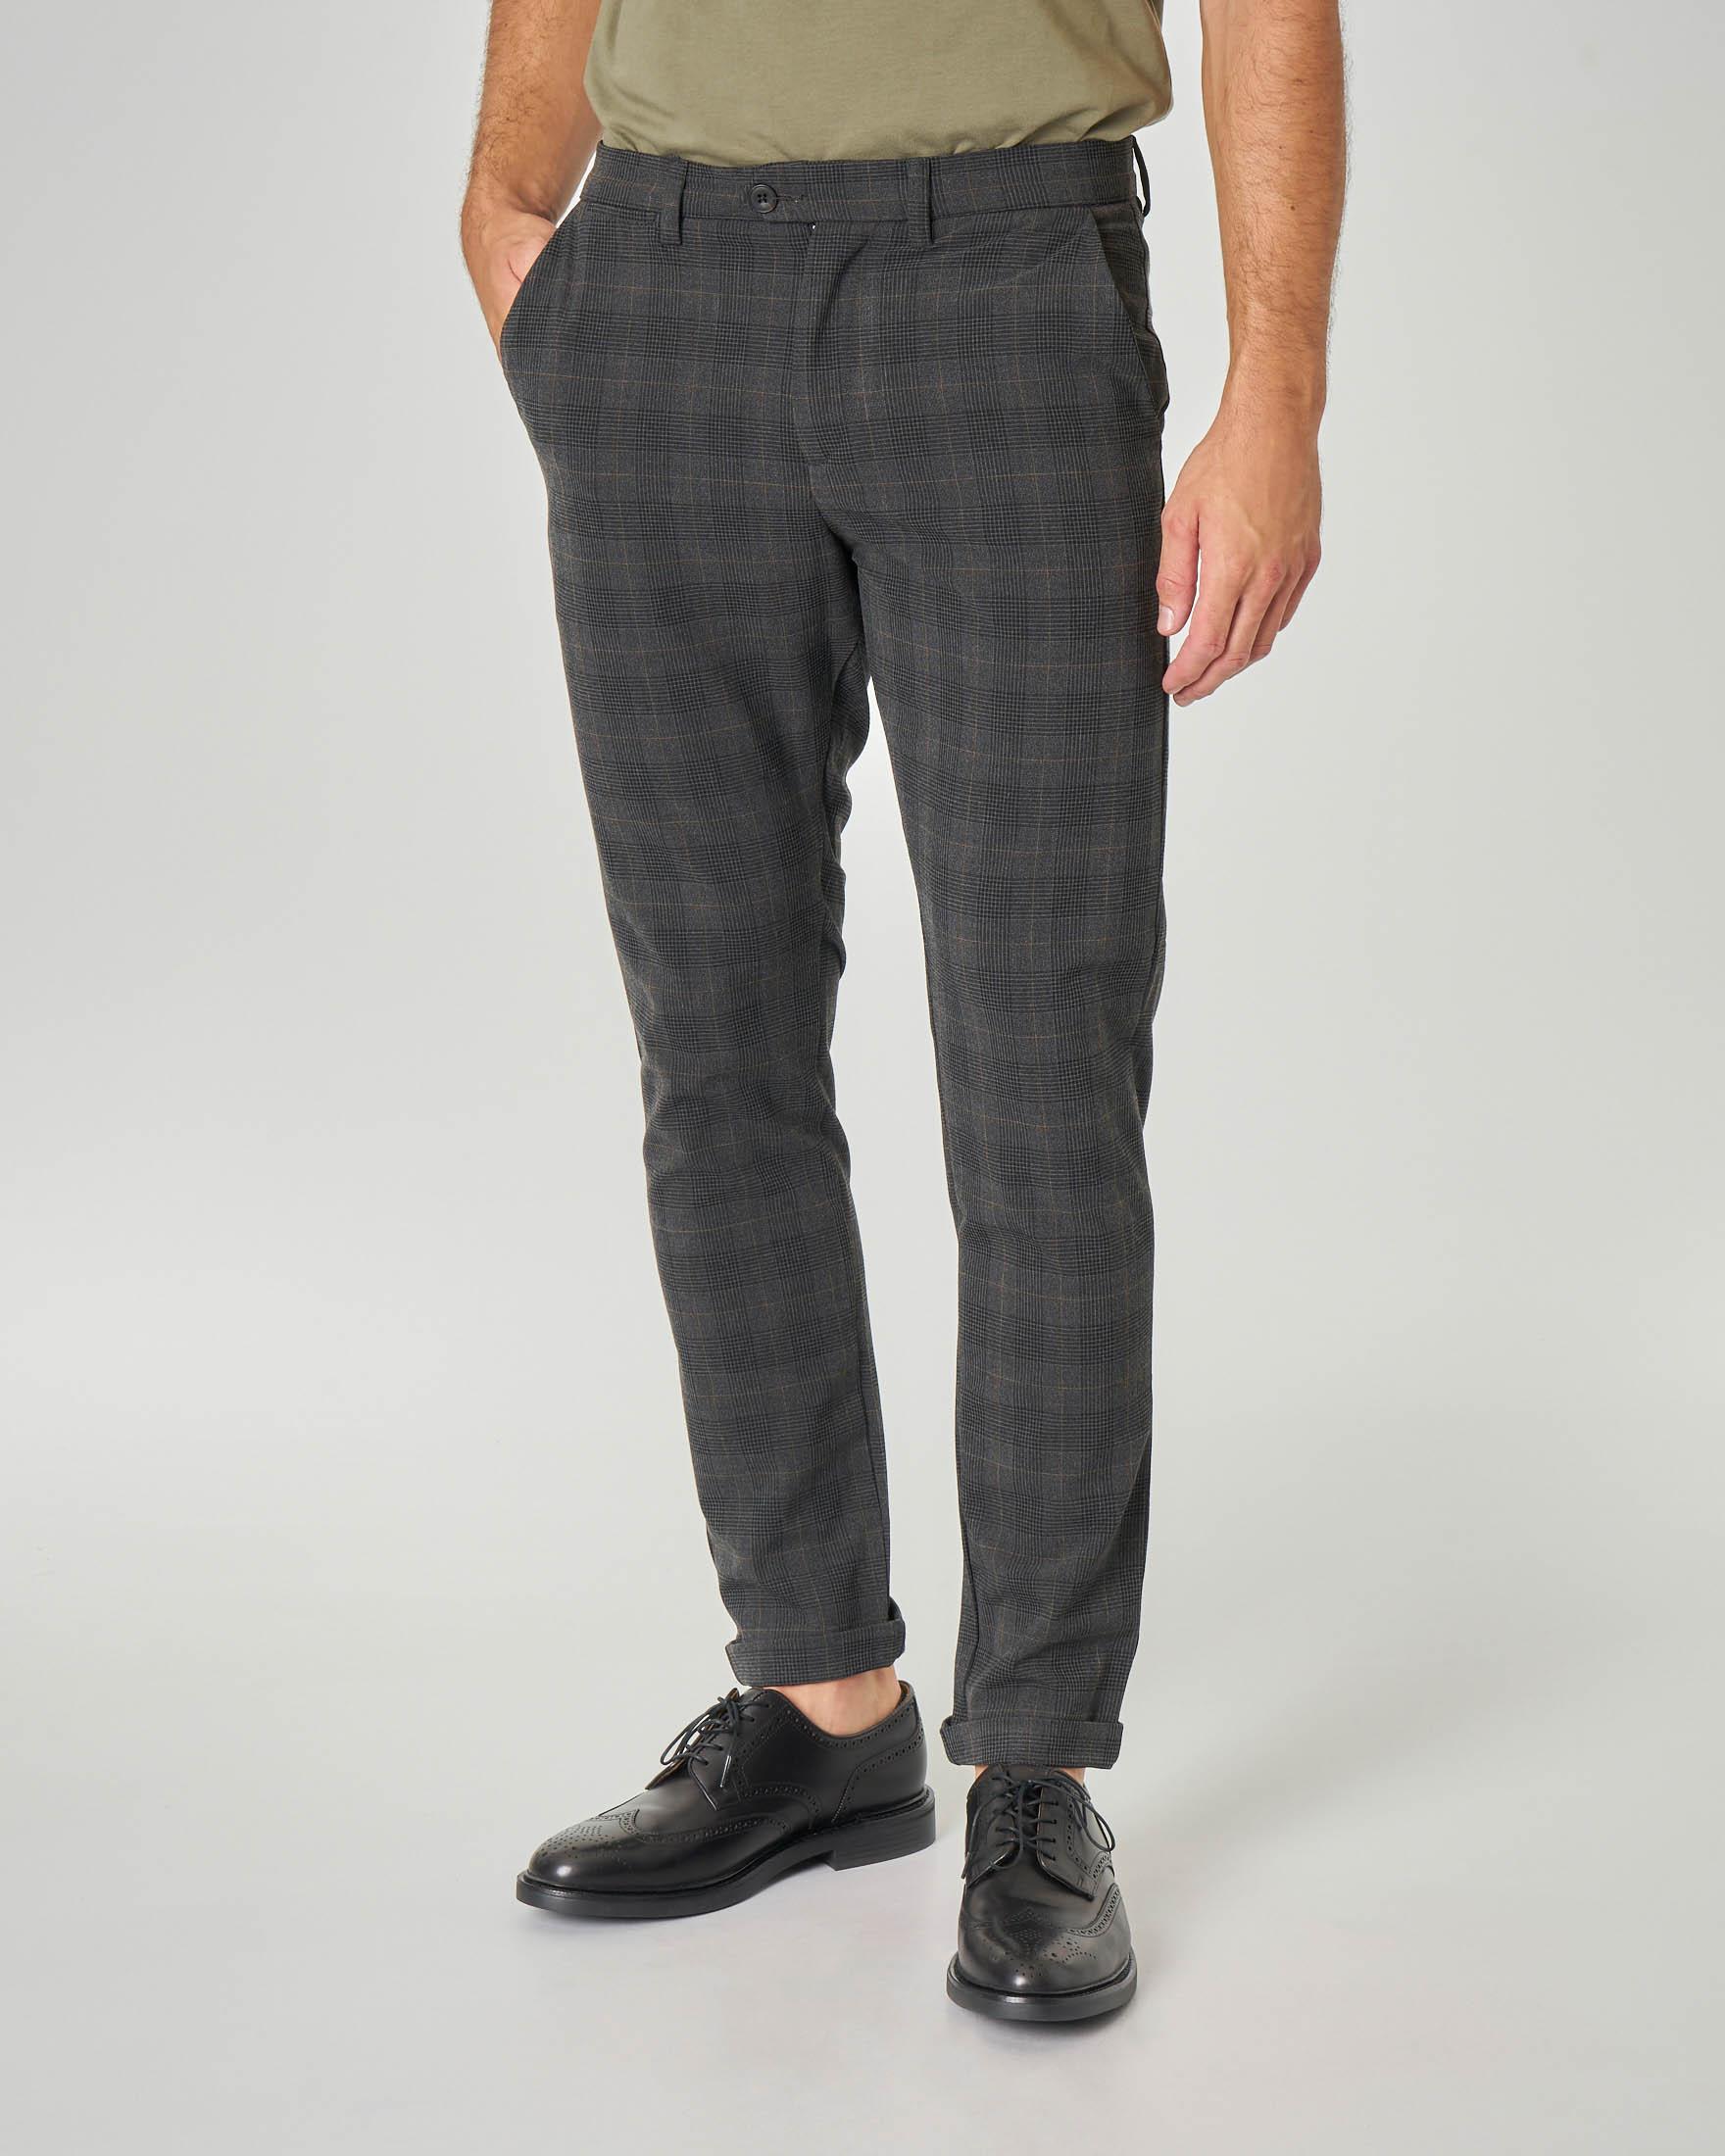 Pantalone chino grigio scuro a quadri